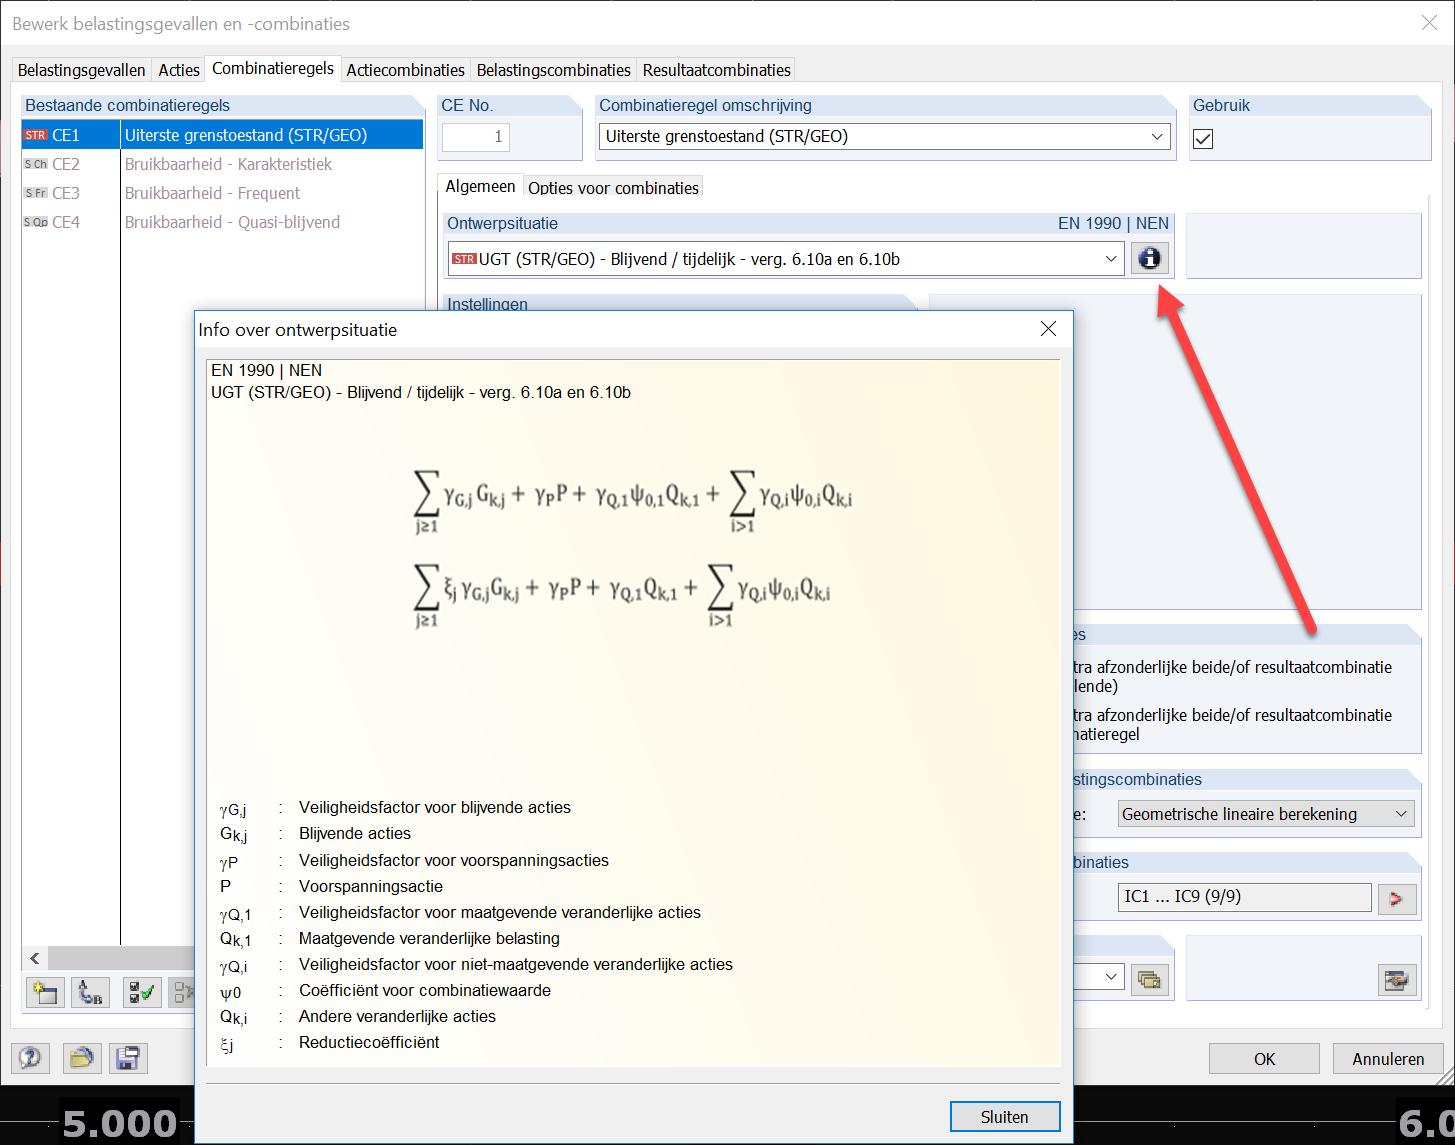 formule bij ontwerpsituatie bij combinatieregels in RFEM rekensoftware